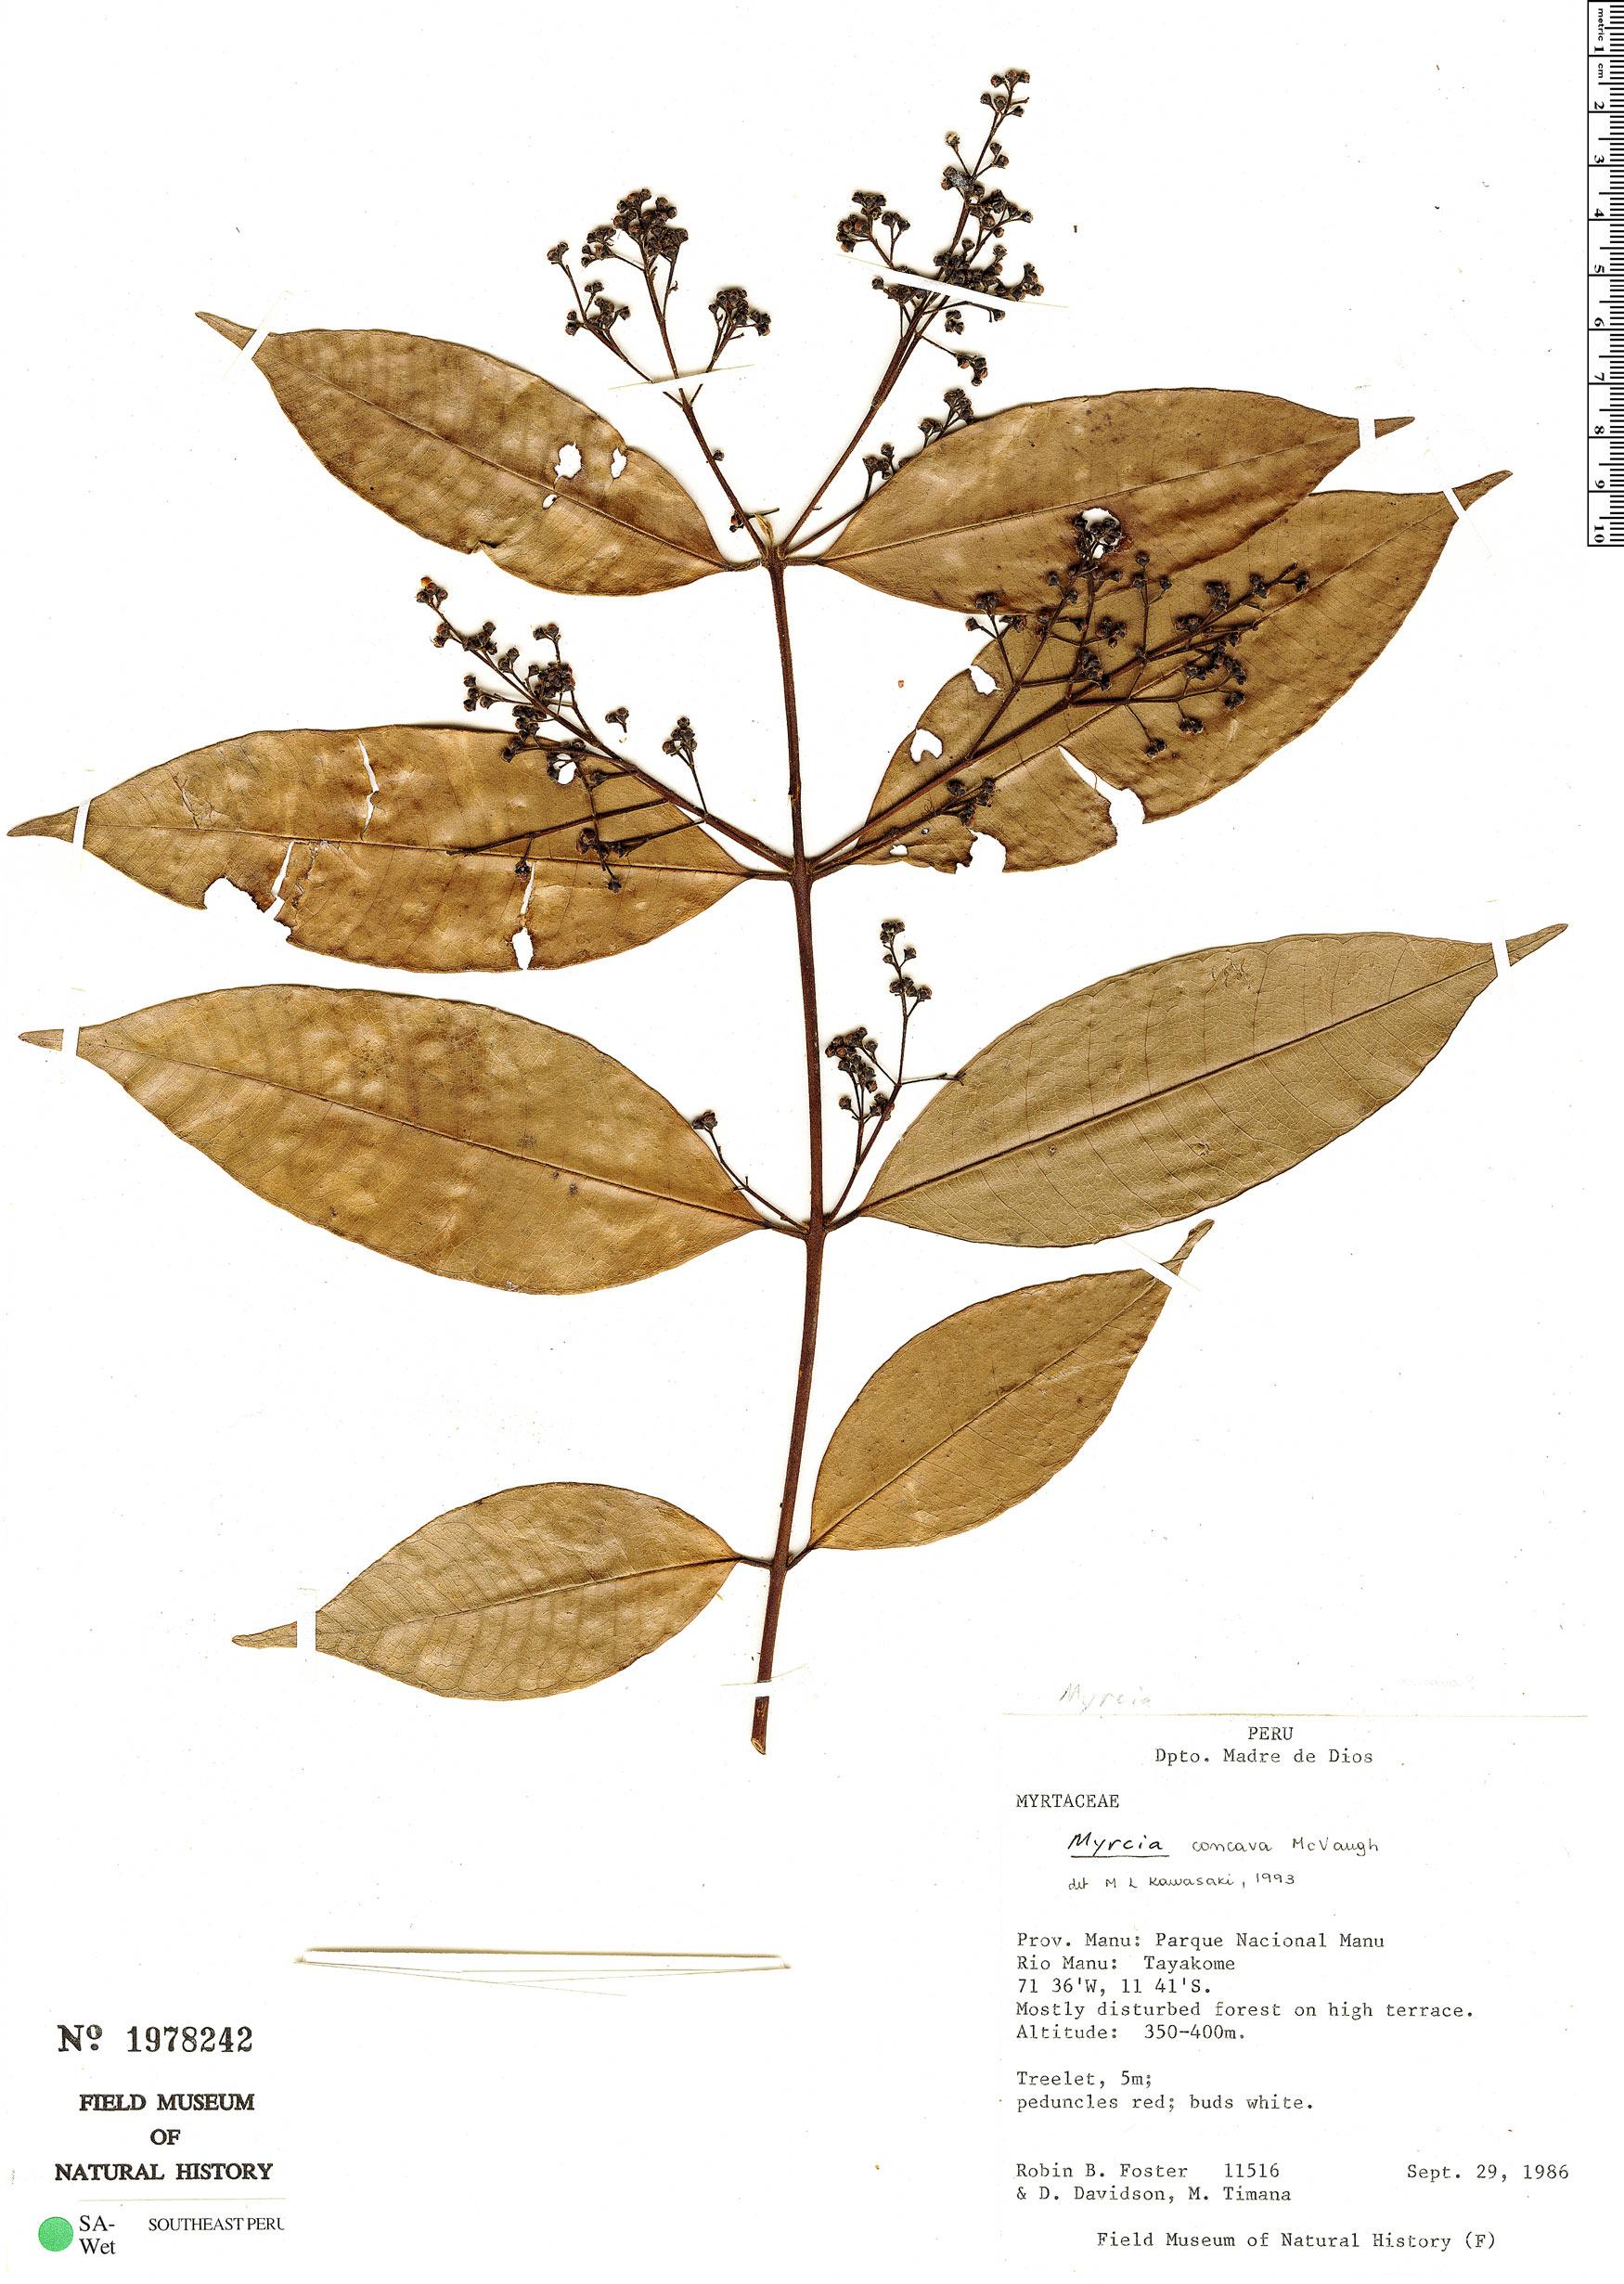 Specimen: Myrcia concava